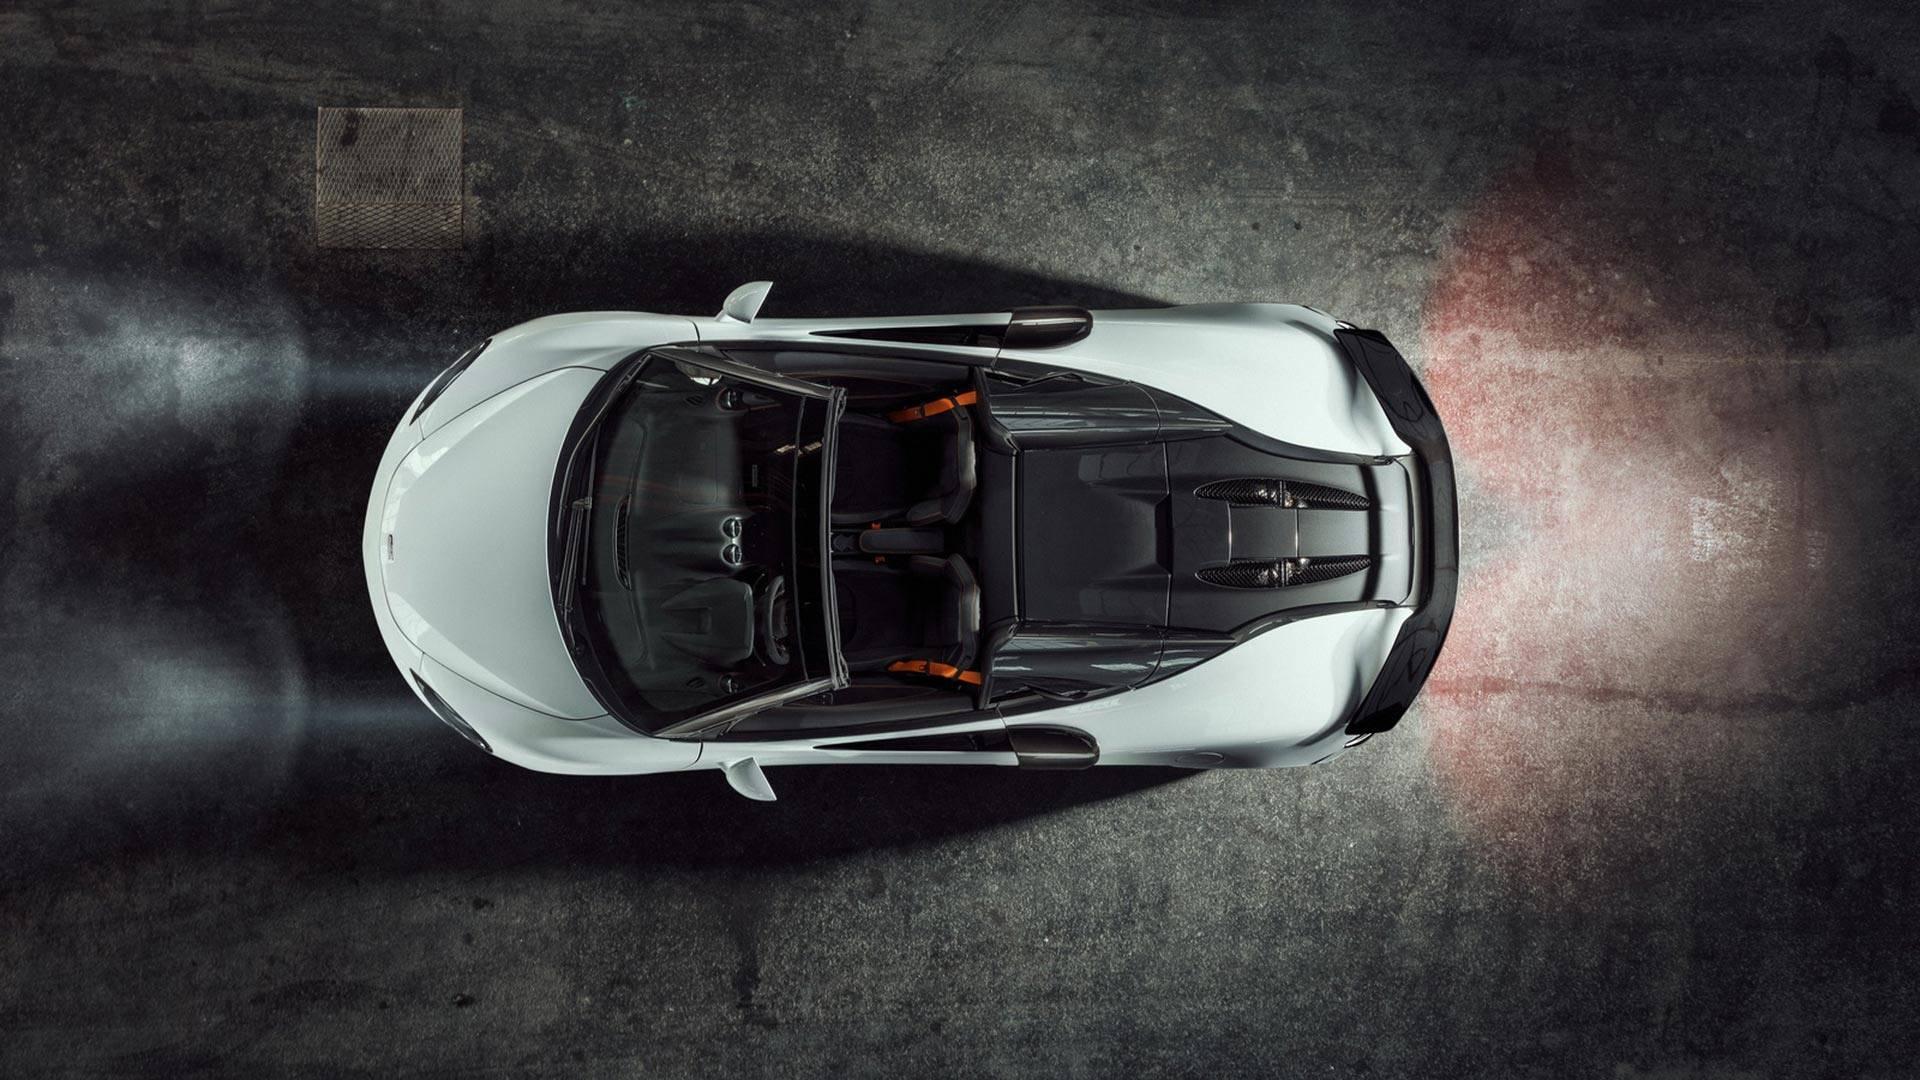 2018 NOVITEC McLaren 570S Spider Top Wallpapers (4)